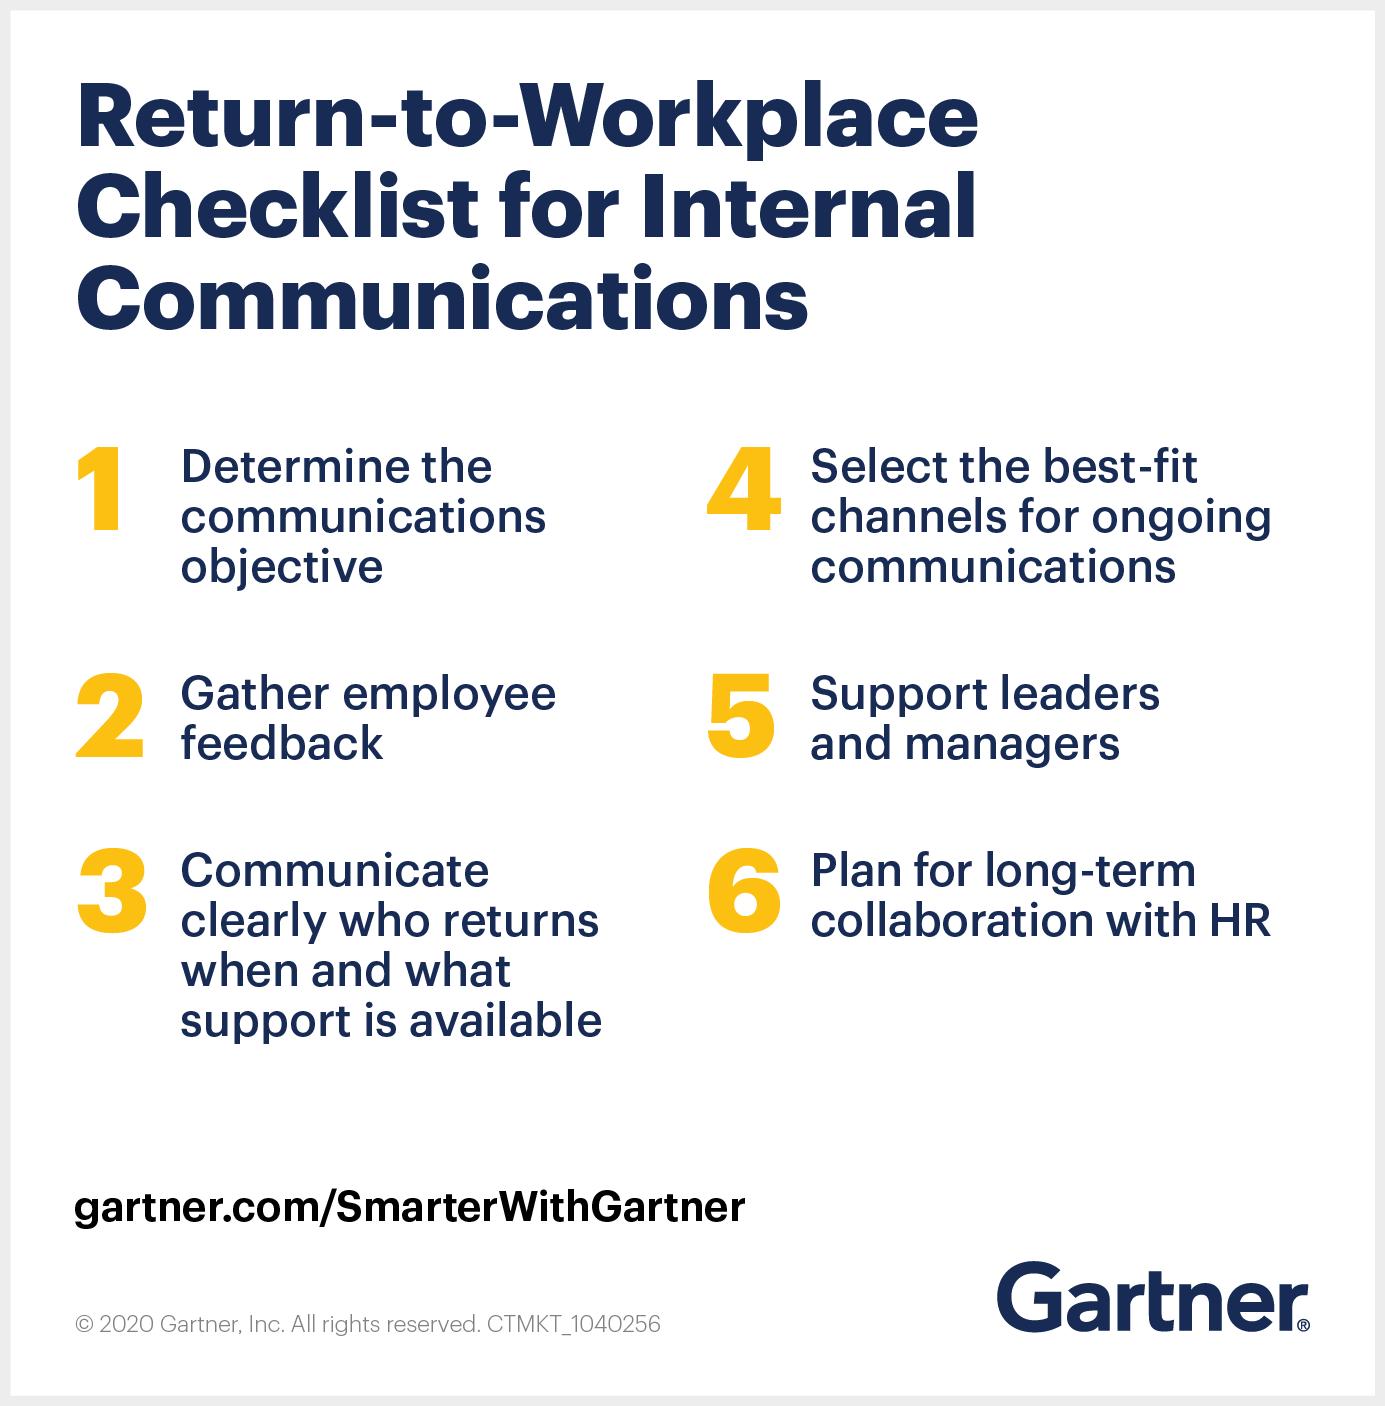 Return-to-Workplace Checklist